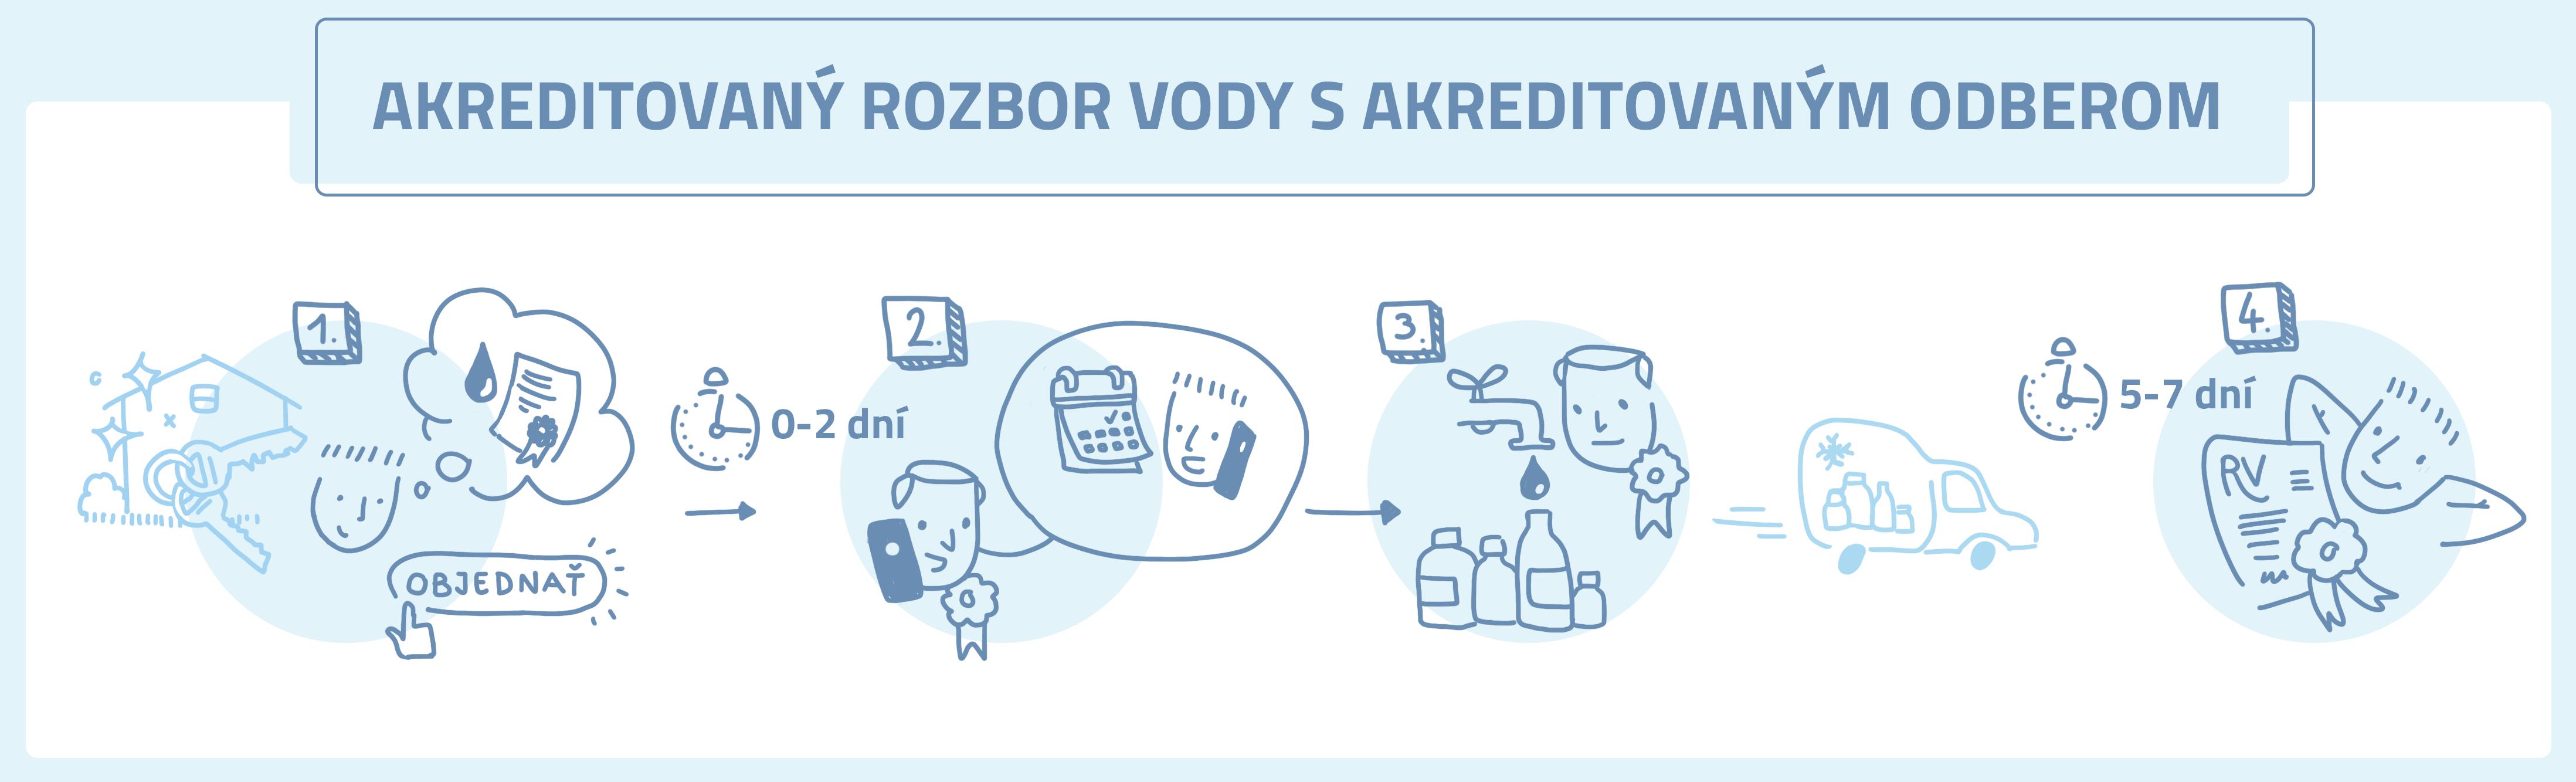 akkred_info_slide_v2